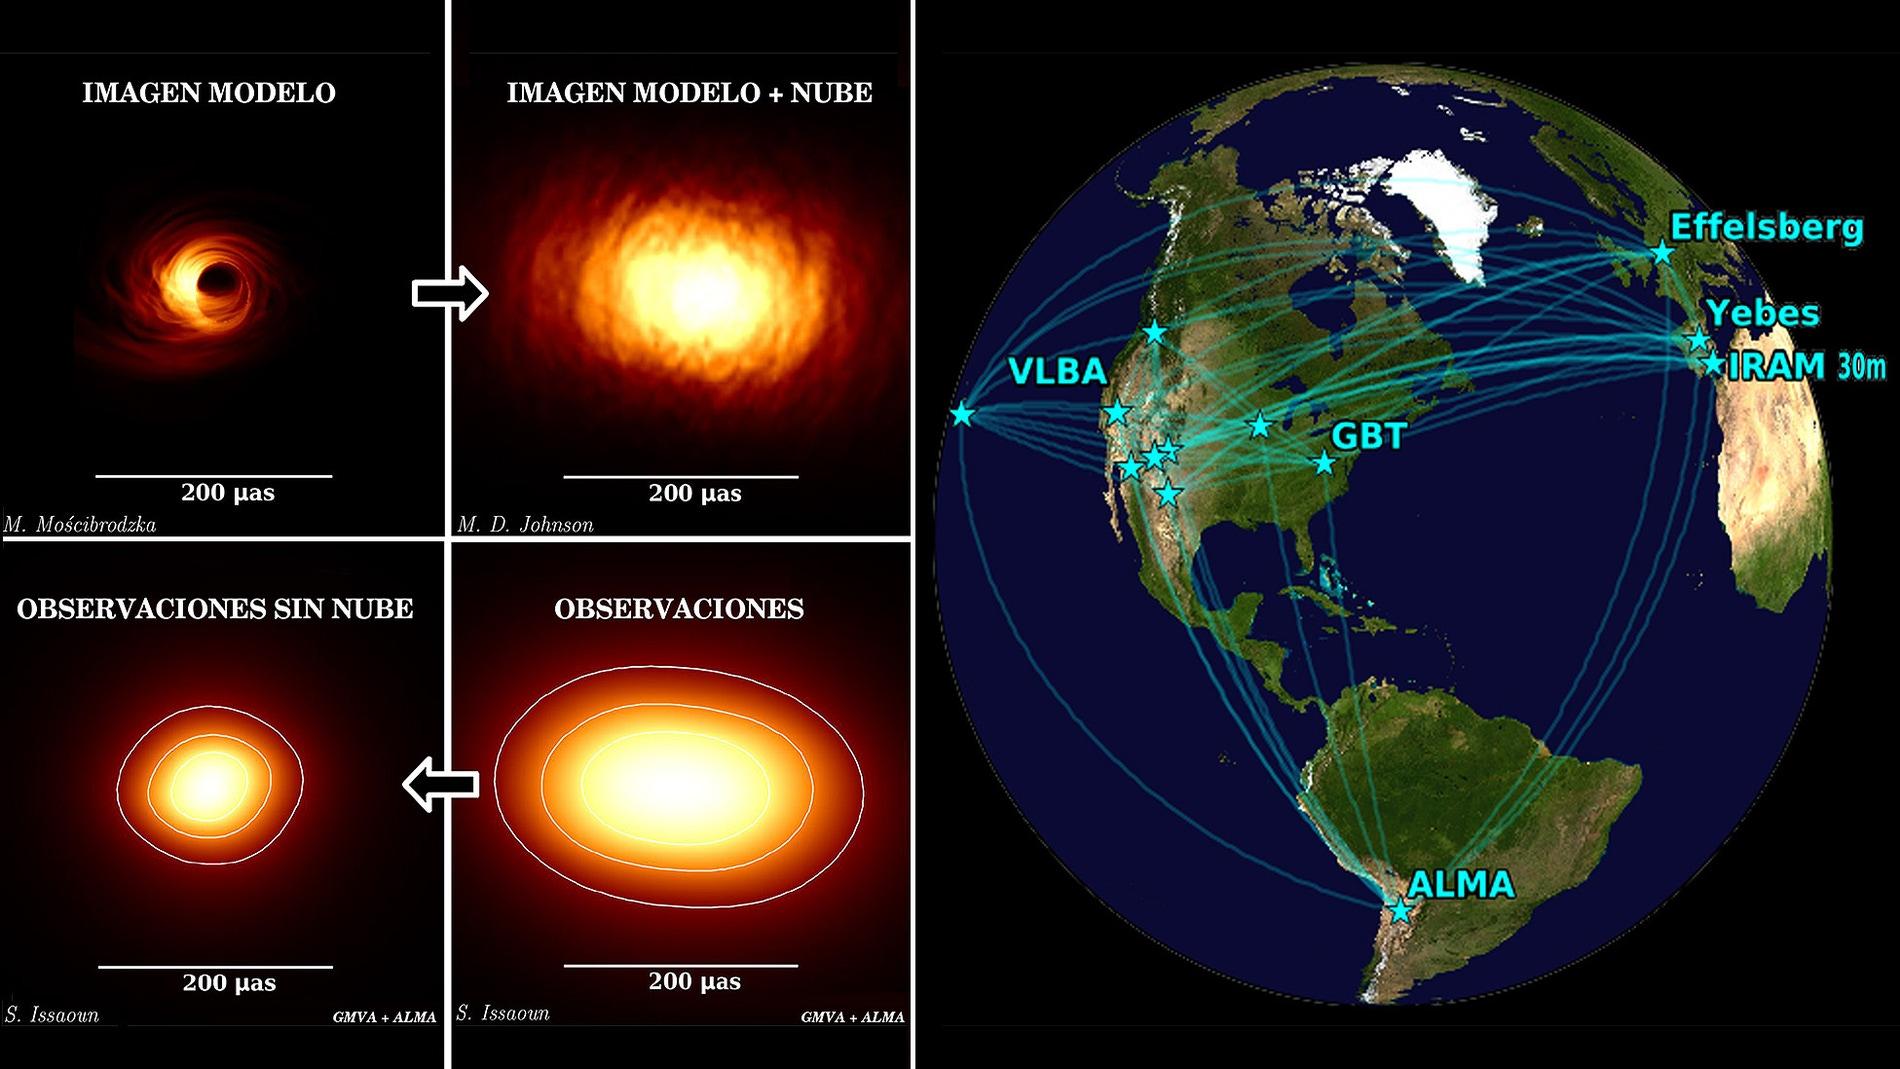 Como levantar el velo que cubre el agujero negro de nuestra galaxia